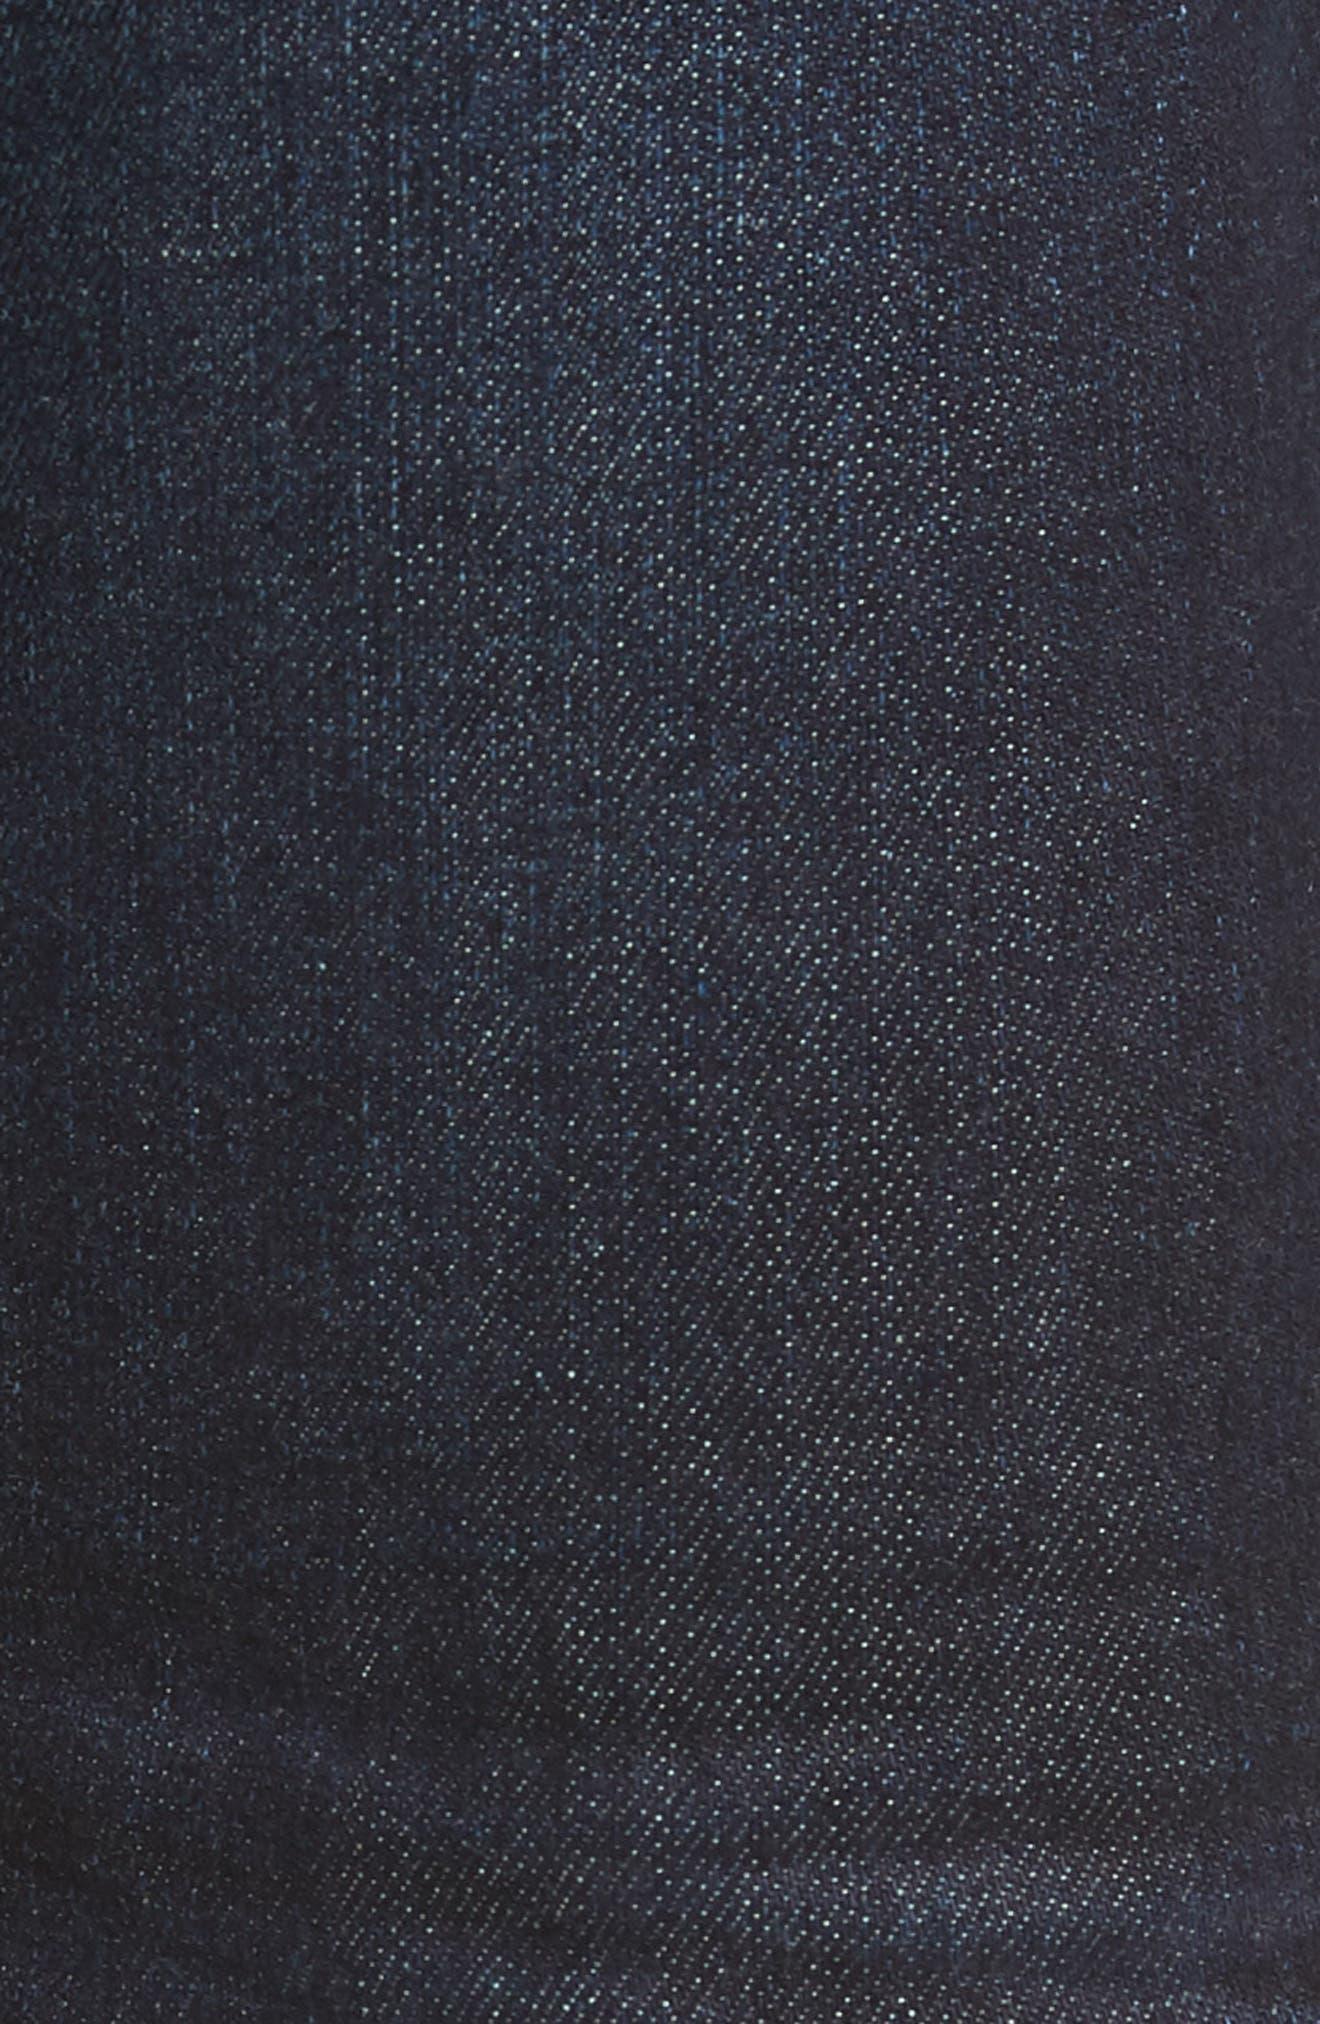 Everett Slim Straight Leg Jeans,                             Alternate thumbnail 5, color,                             5 YEARS CASINO